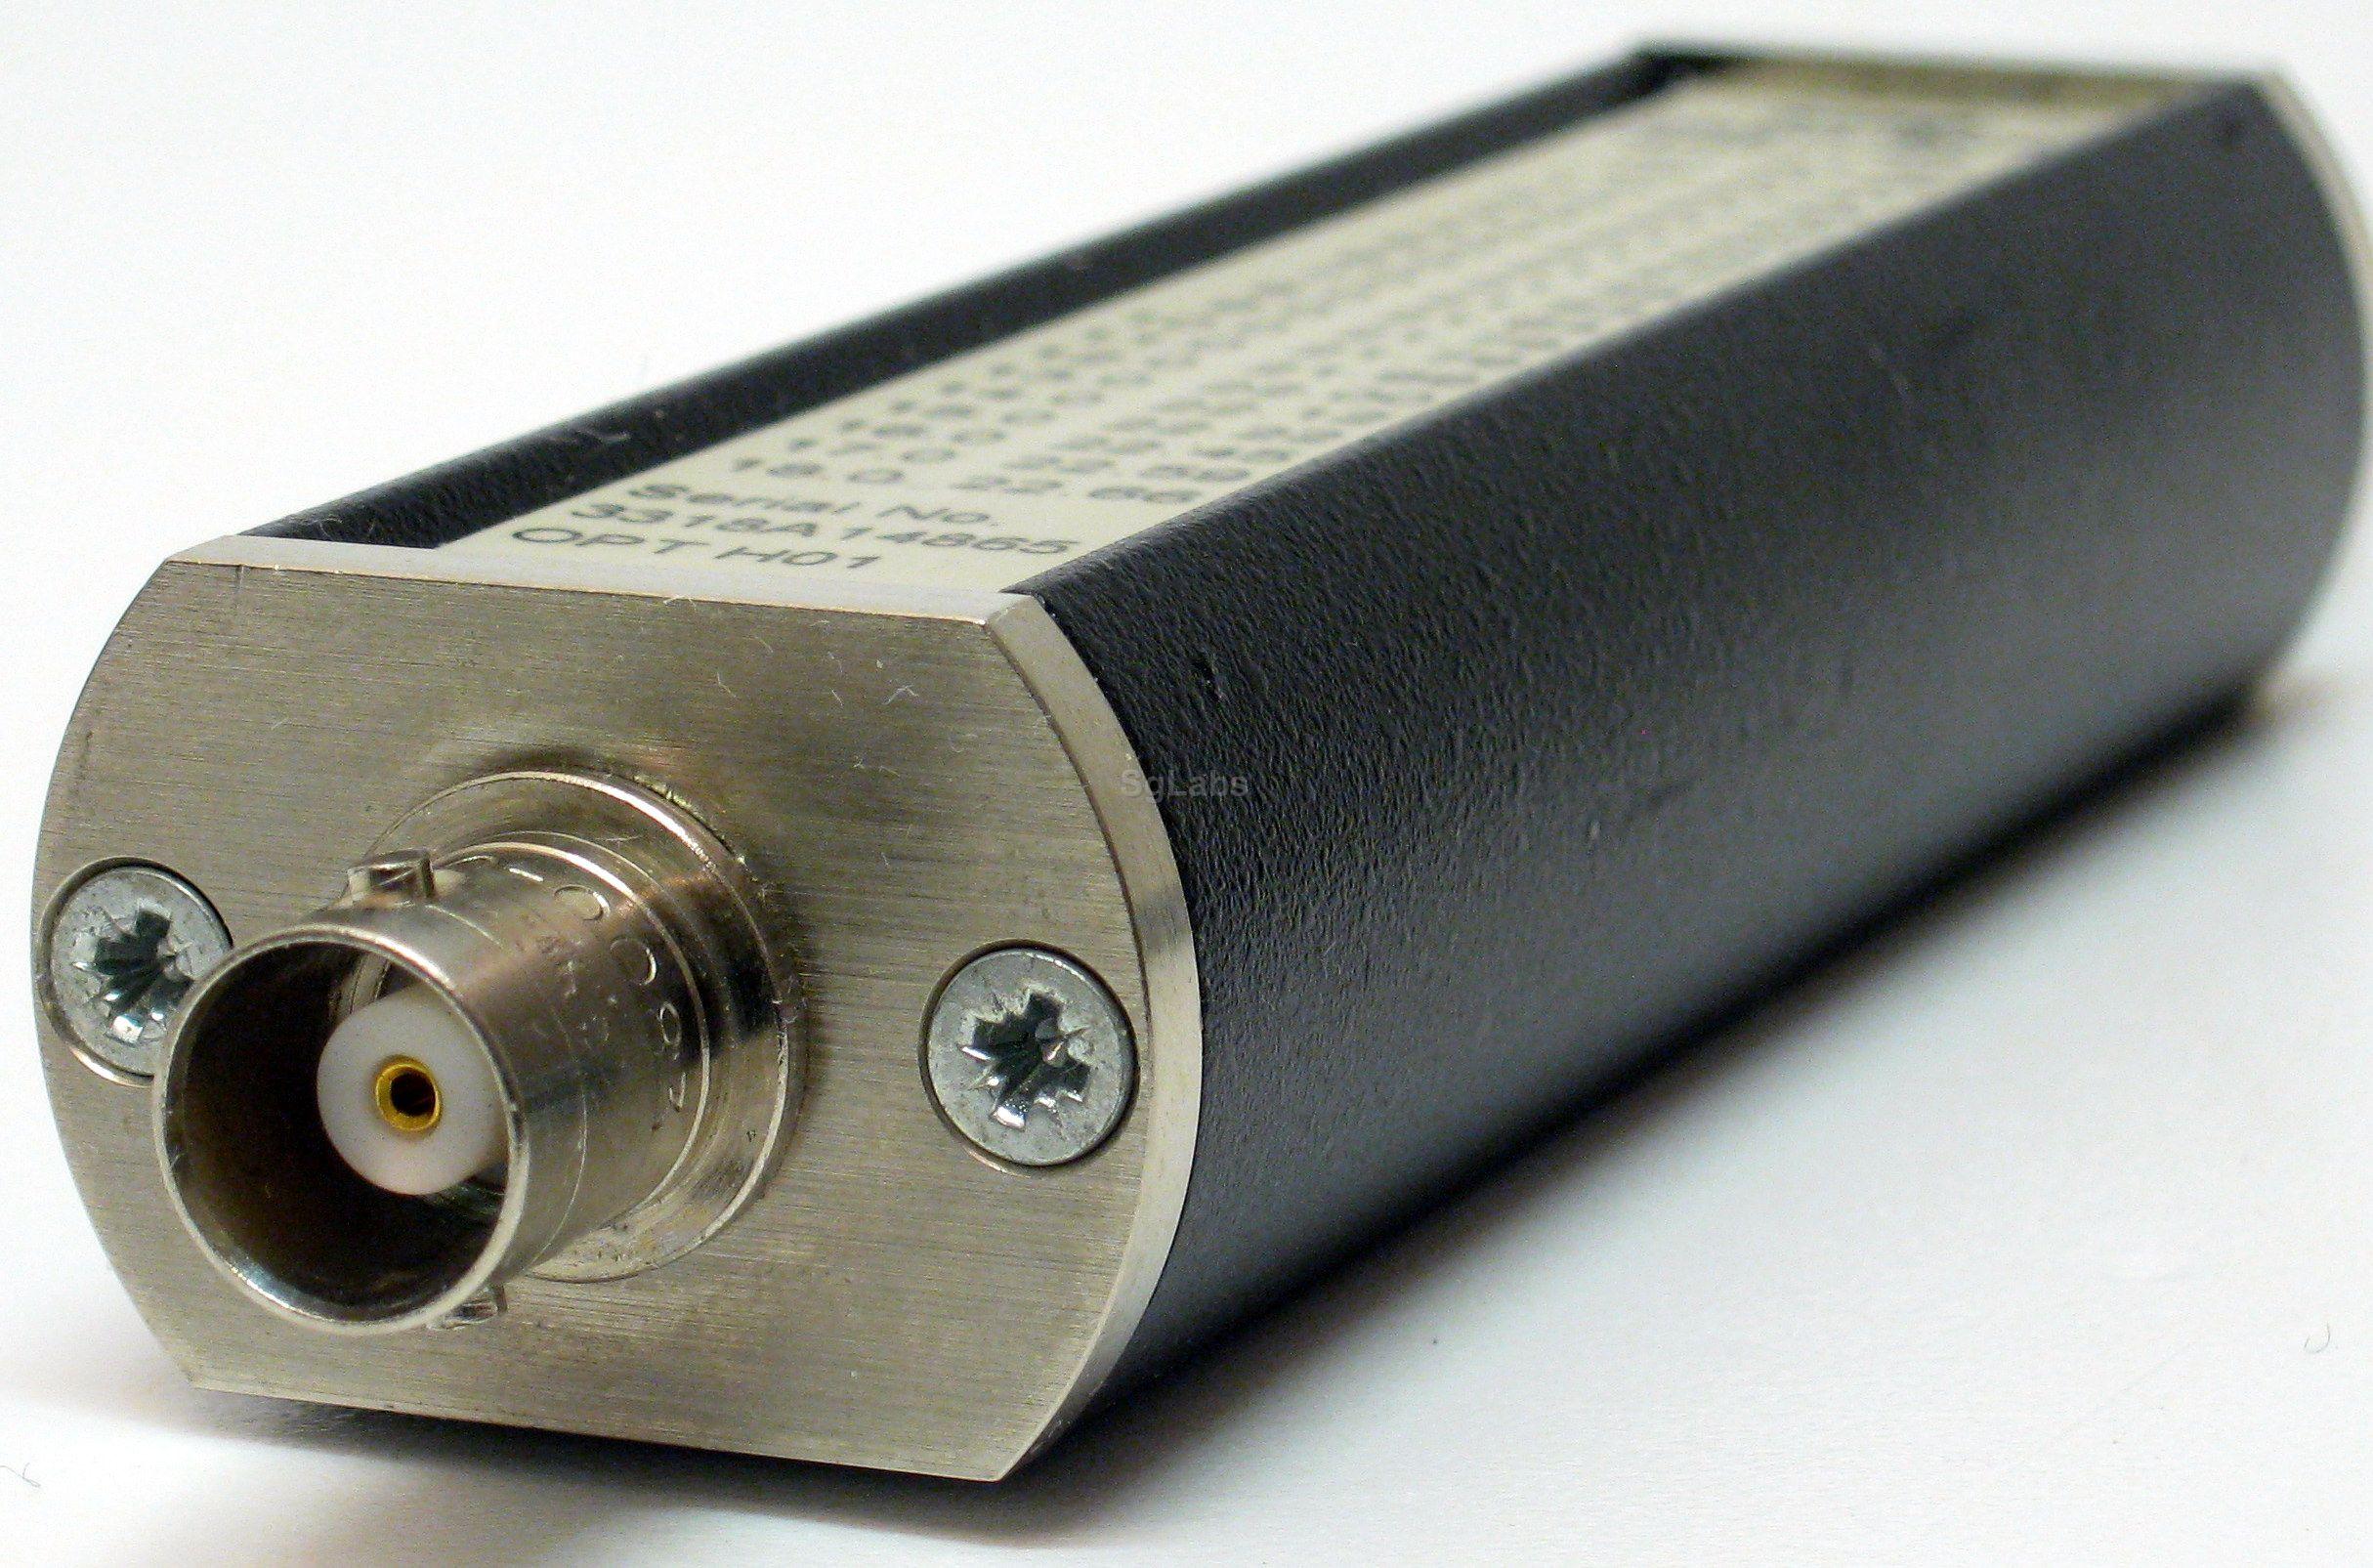 Audio distortion analyzer software